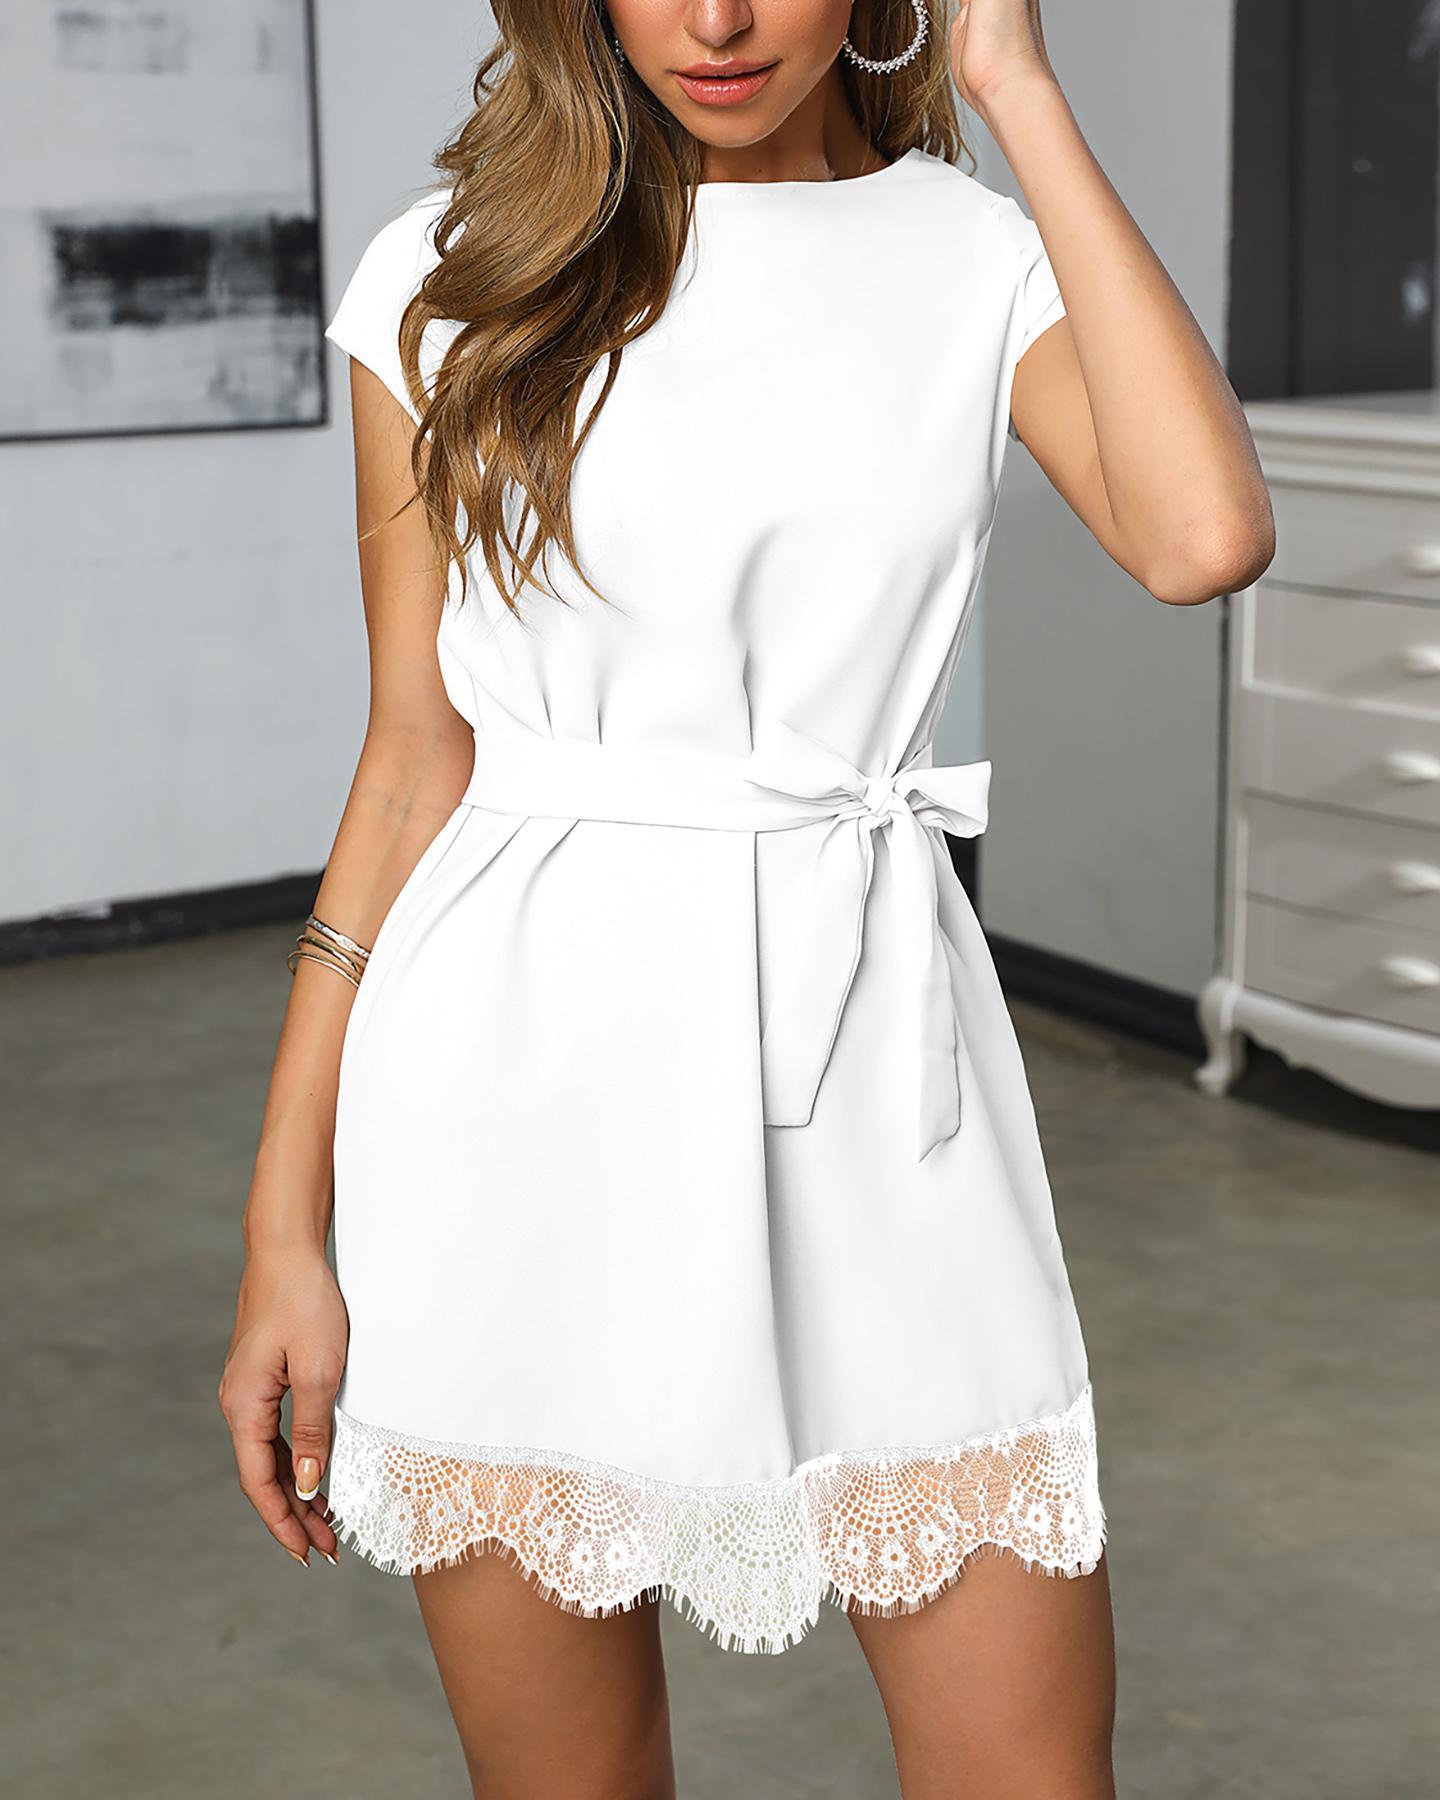 ivrose / Short Sleeve Eyelash Lace Hem Casual Dress